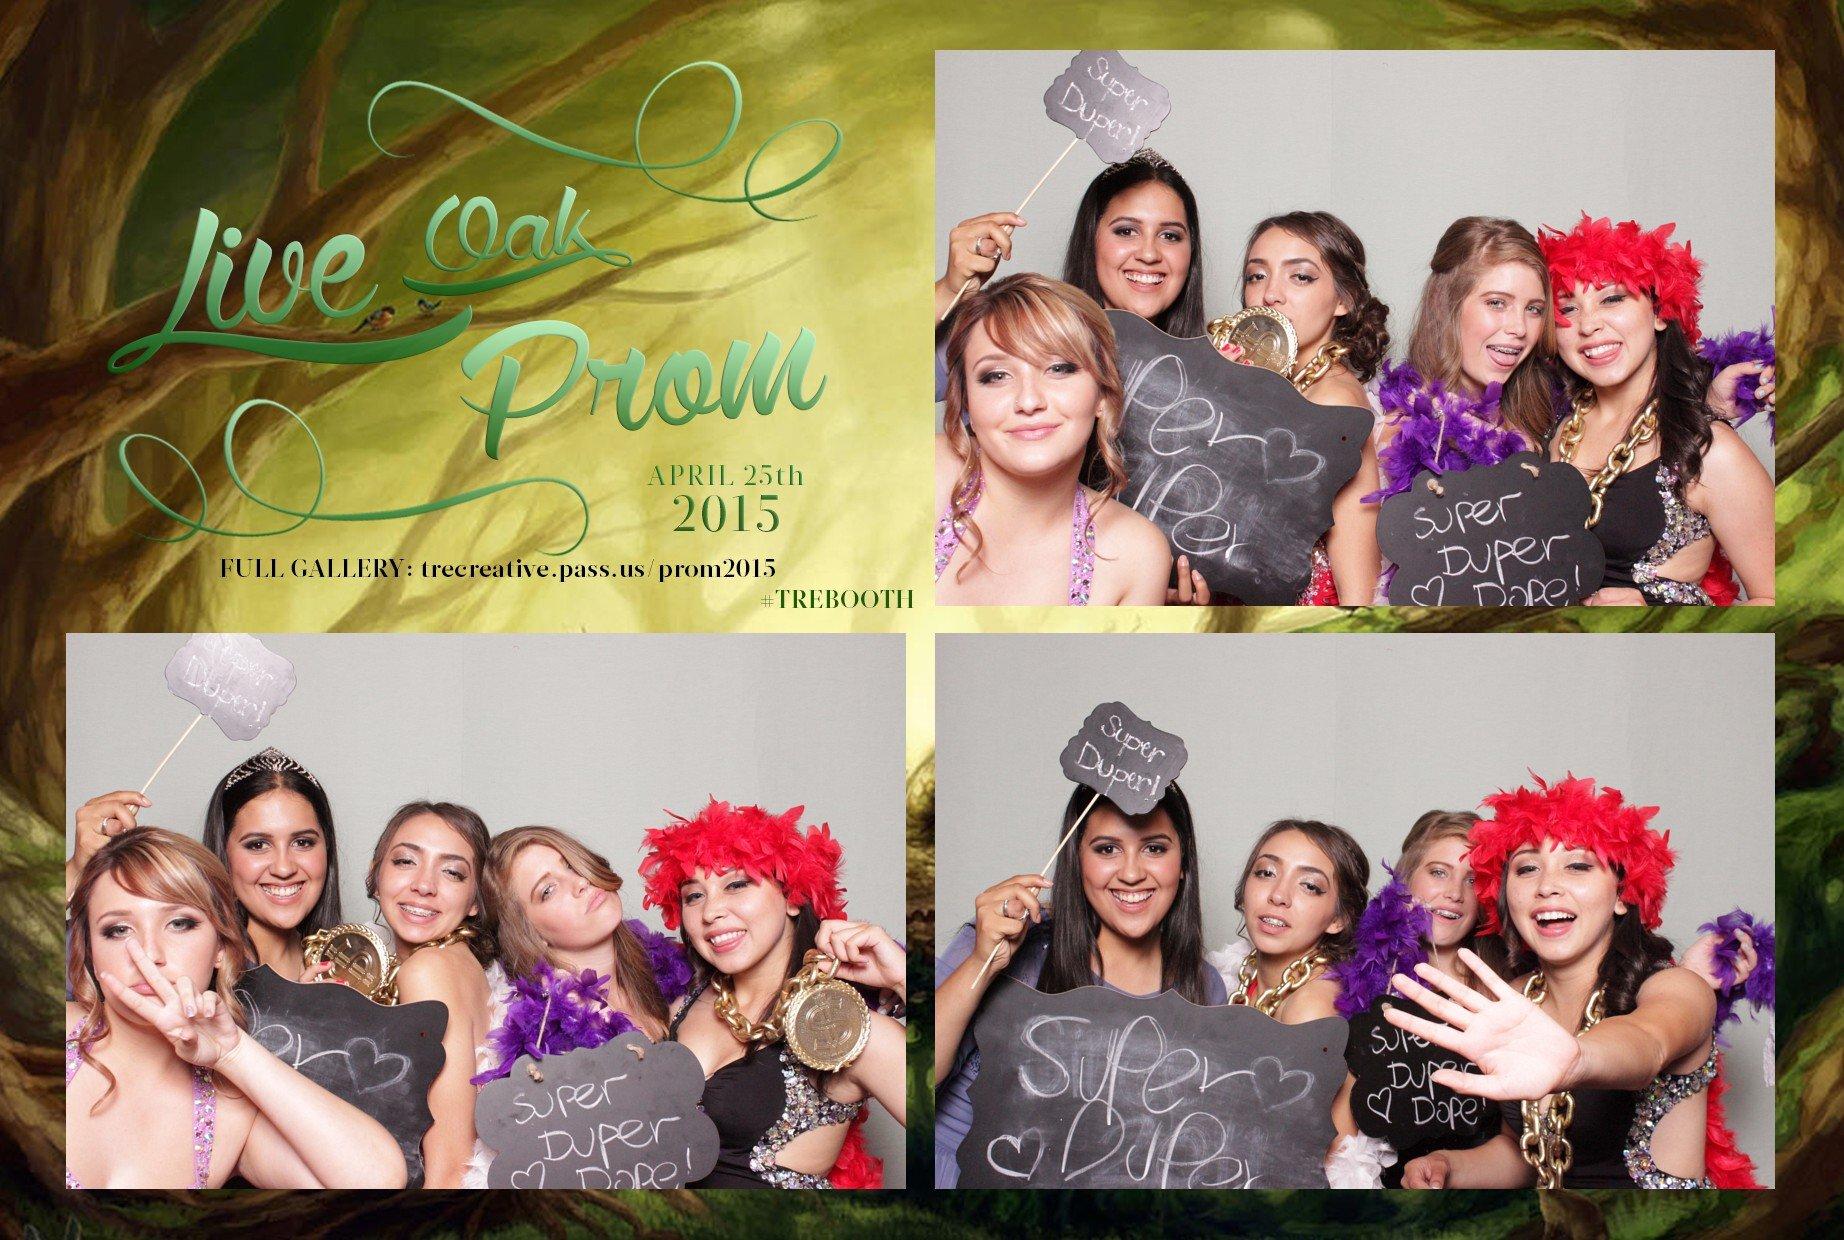 print-layout-live-oak-prom